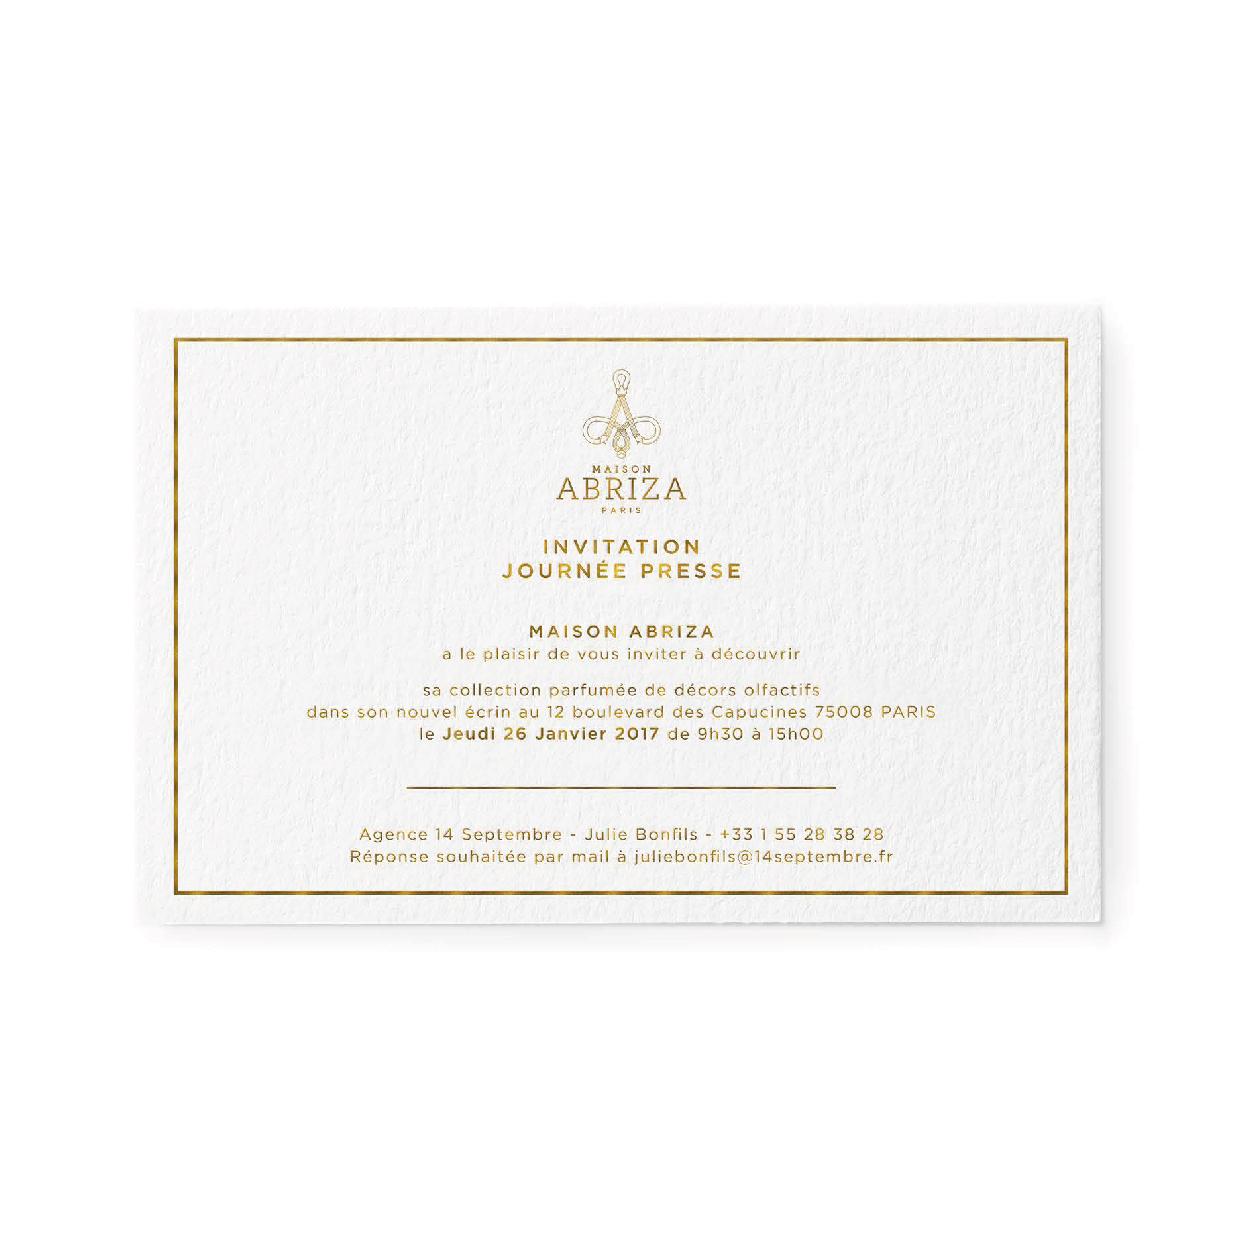 1703 FACTORY- ABRIZA invitation presse